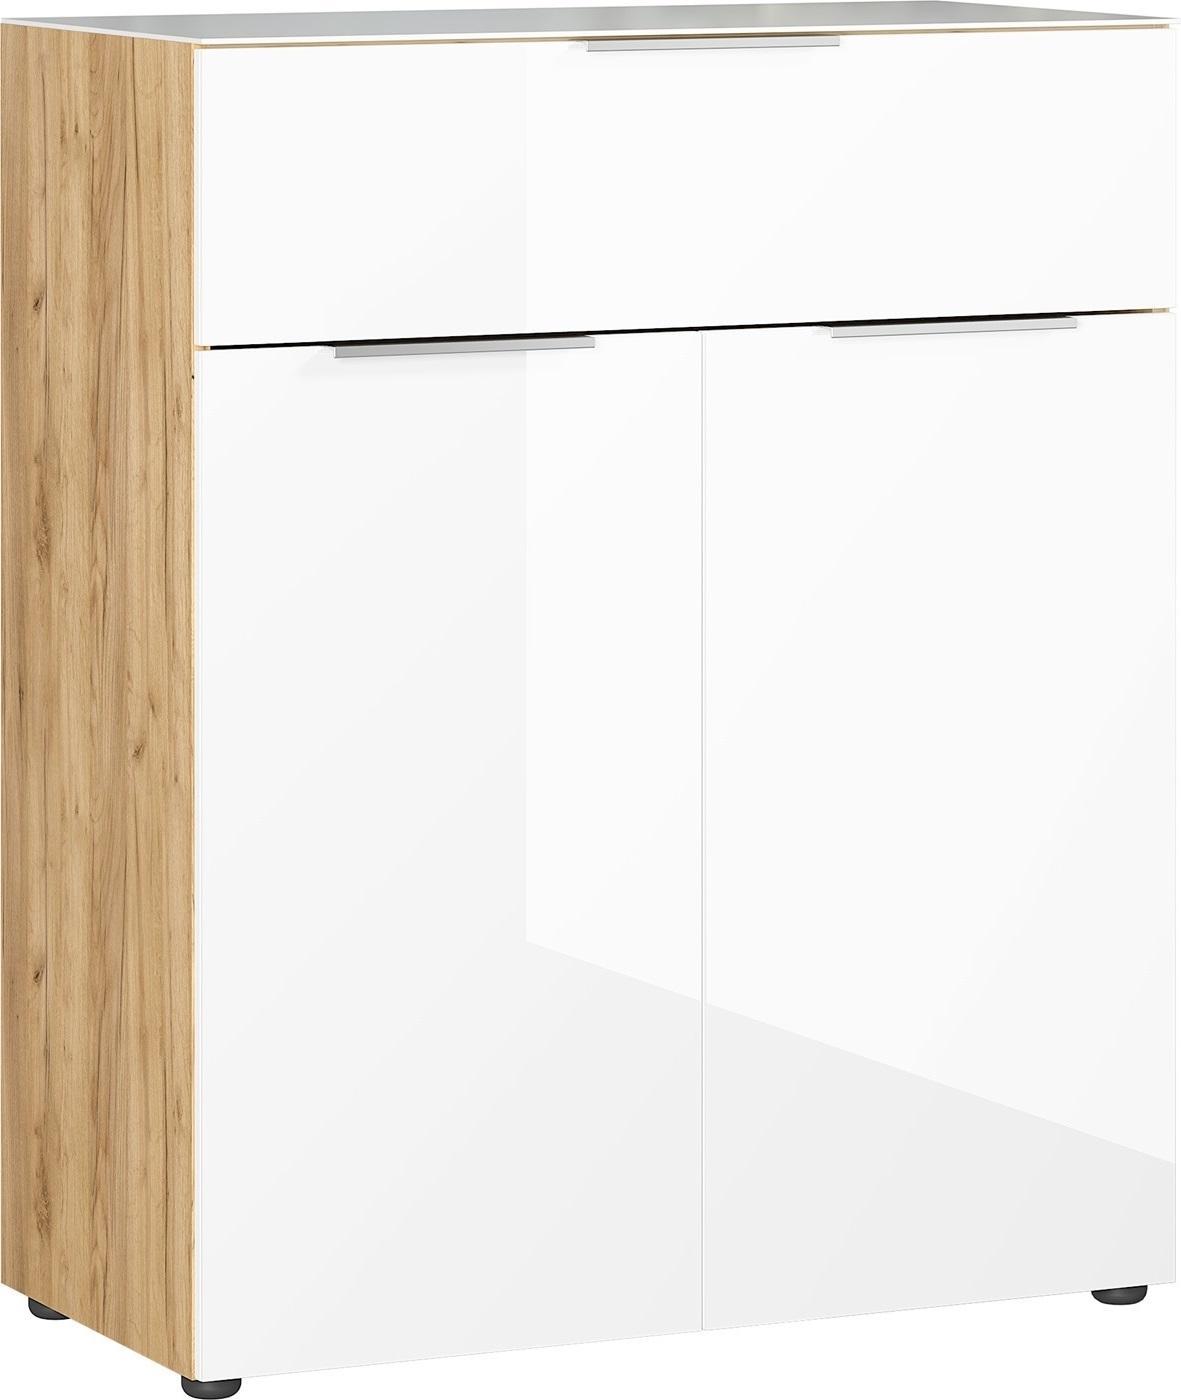 Opbergkast Oakland 102 cm hoog in wit met navarra eiken